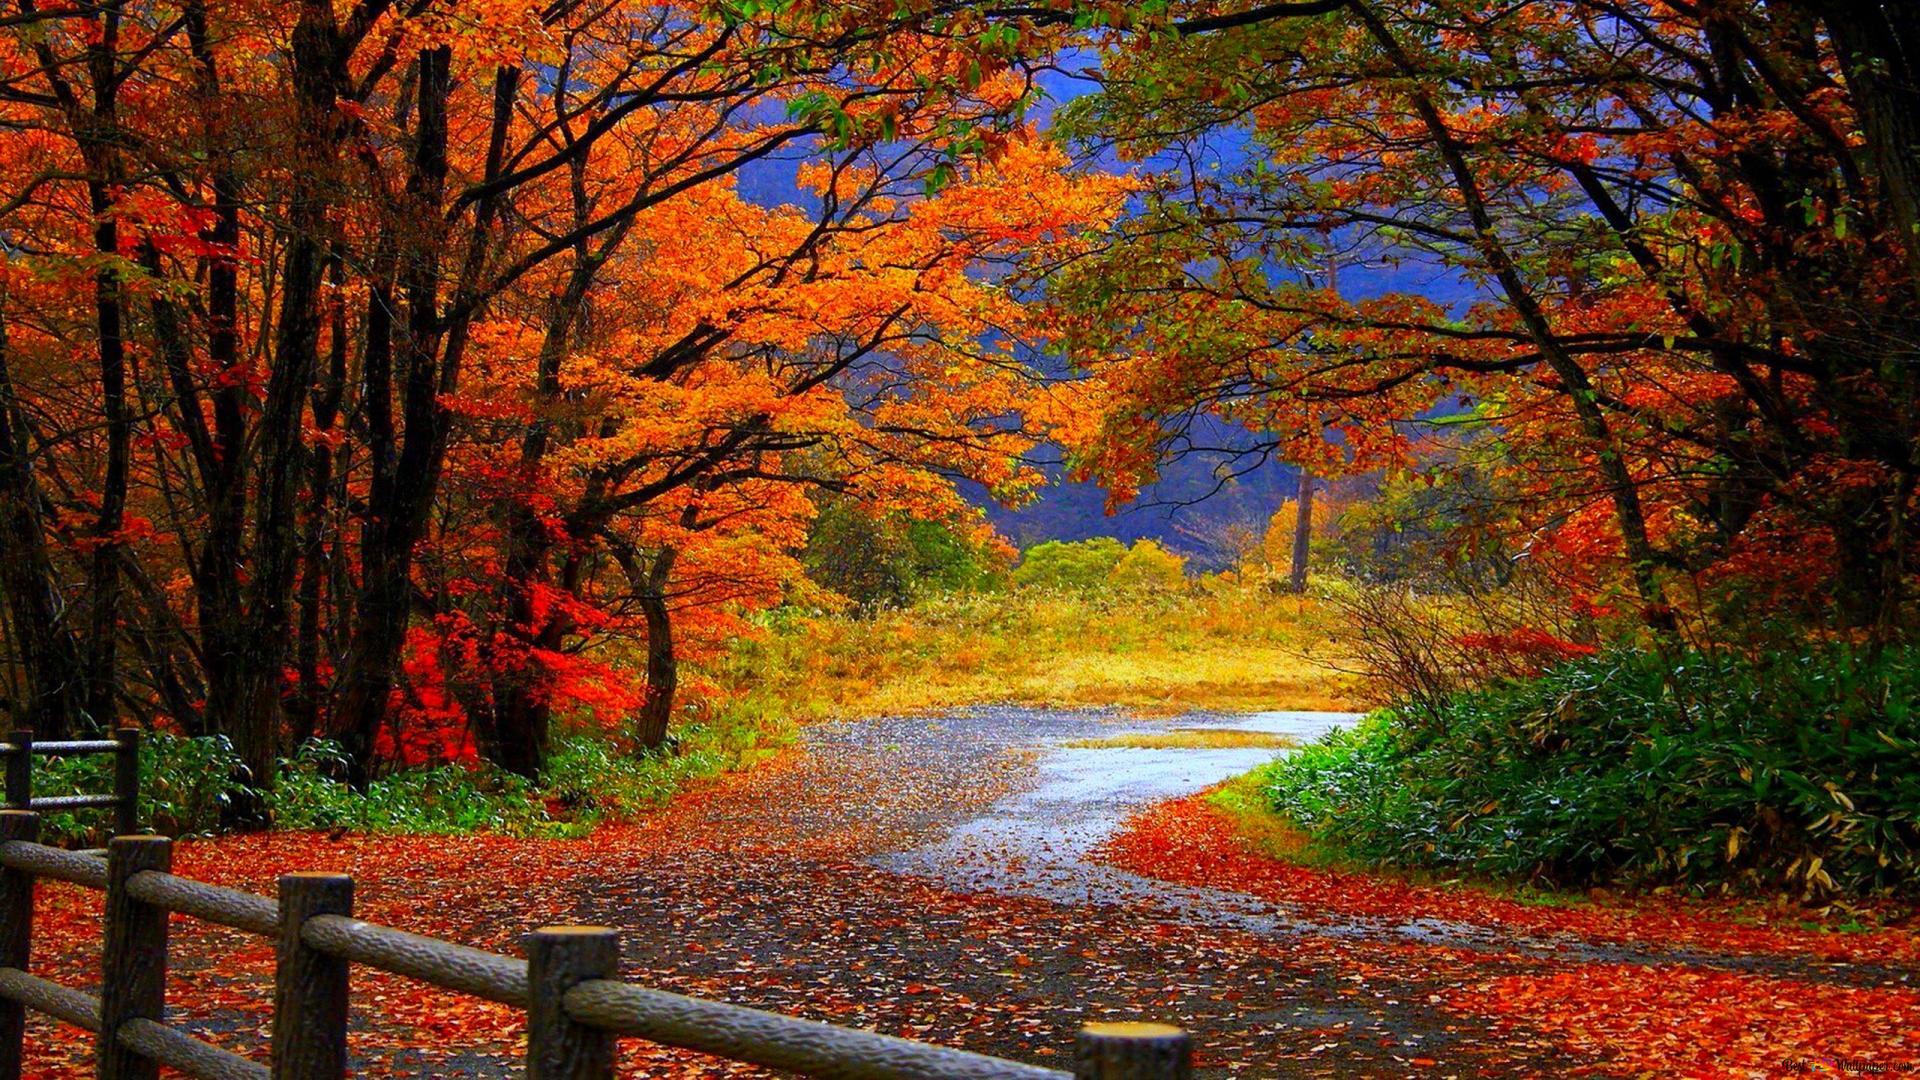 foto de De beaux paysages d'automne HD fond d'écran télécharger